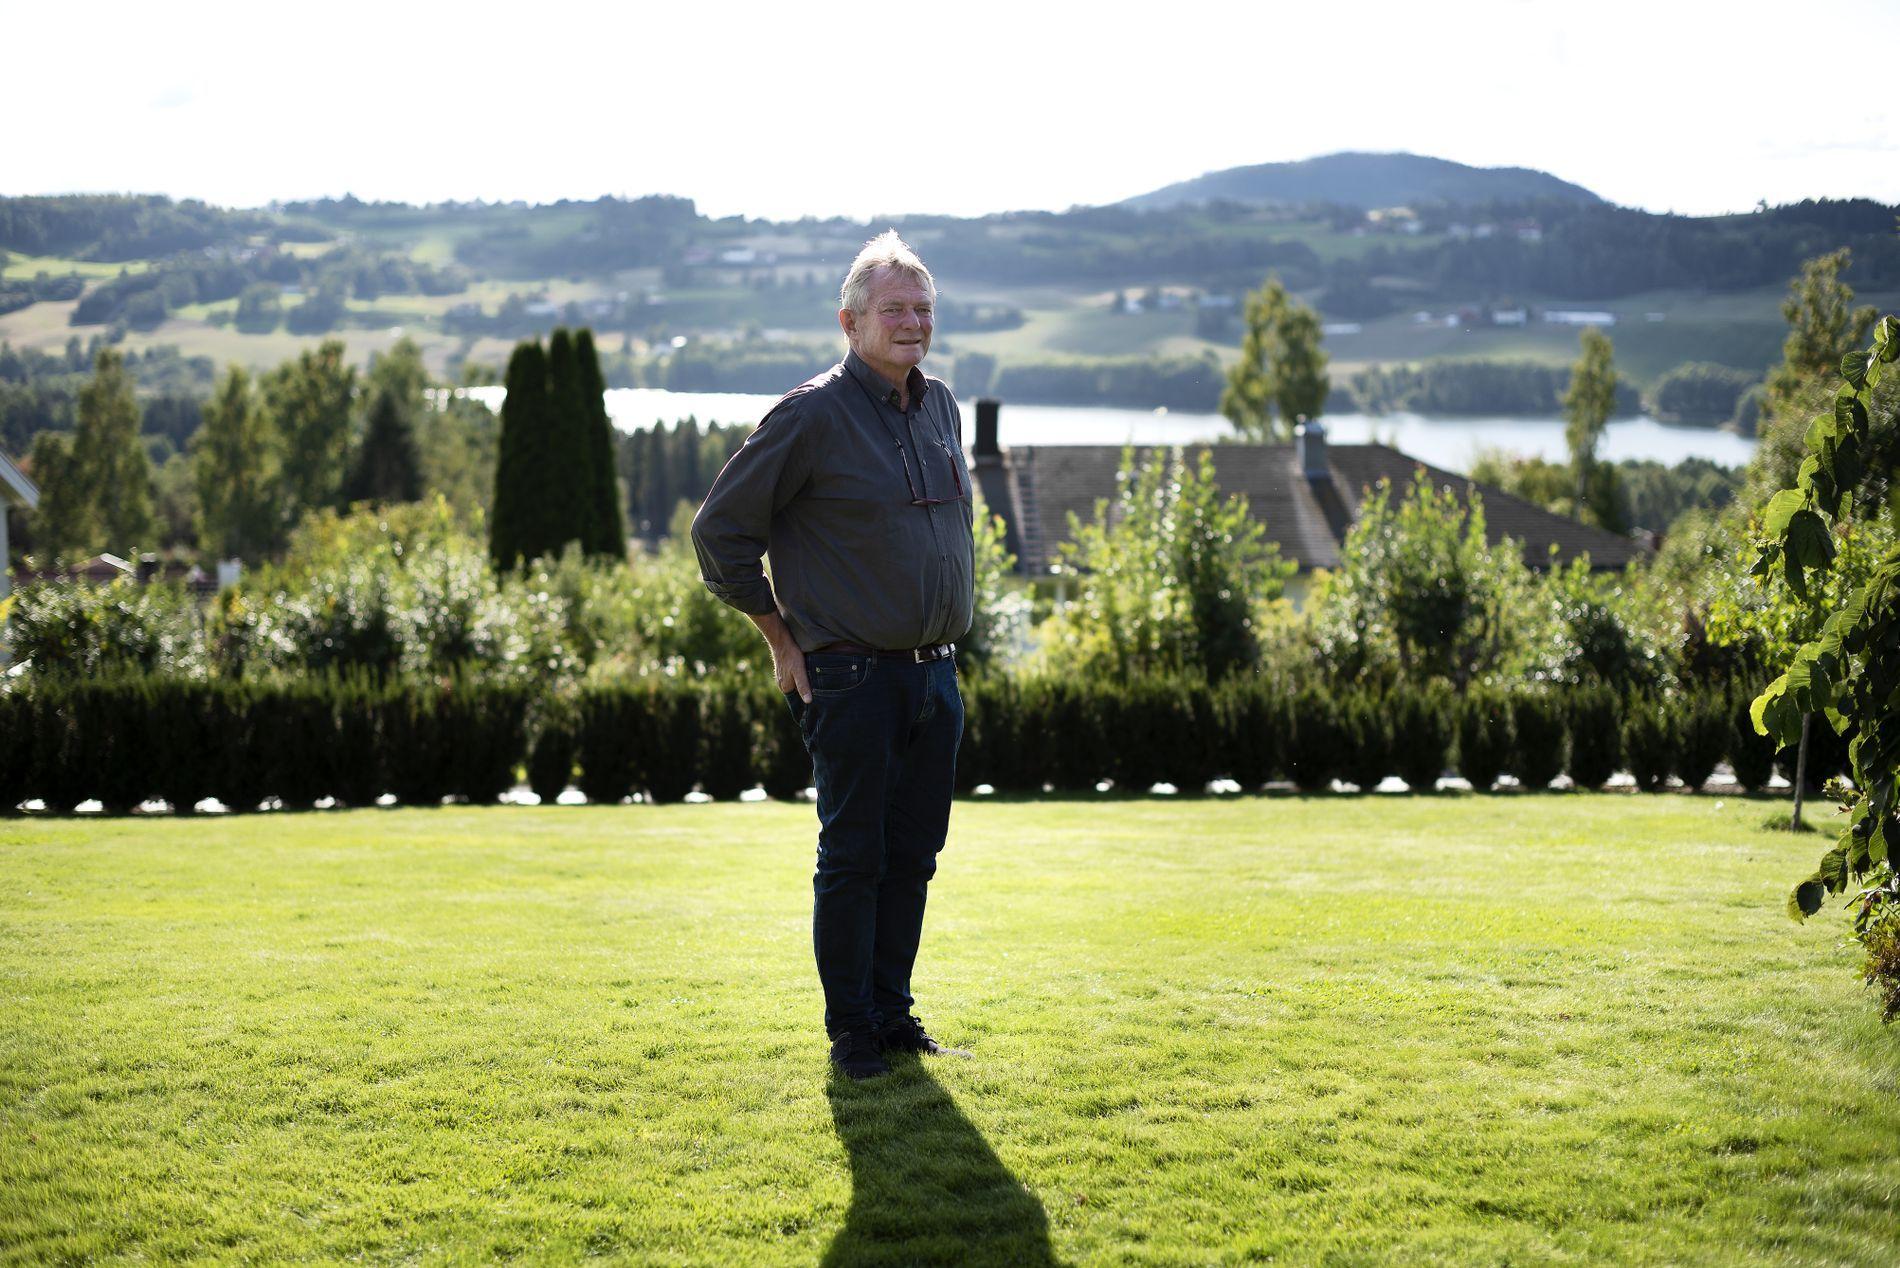 LA SEG FLAT: VG besøkte Thorstein Skjaker i september. Da la han seg flat og beklaget at han hadde prøvd å overfakturere Oslo kommune.